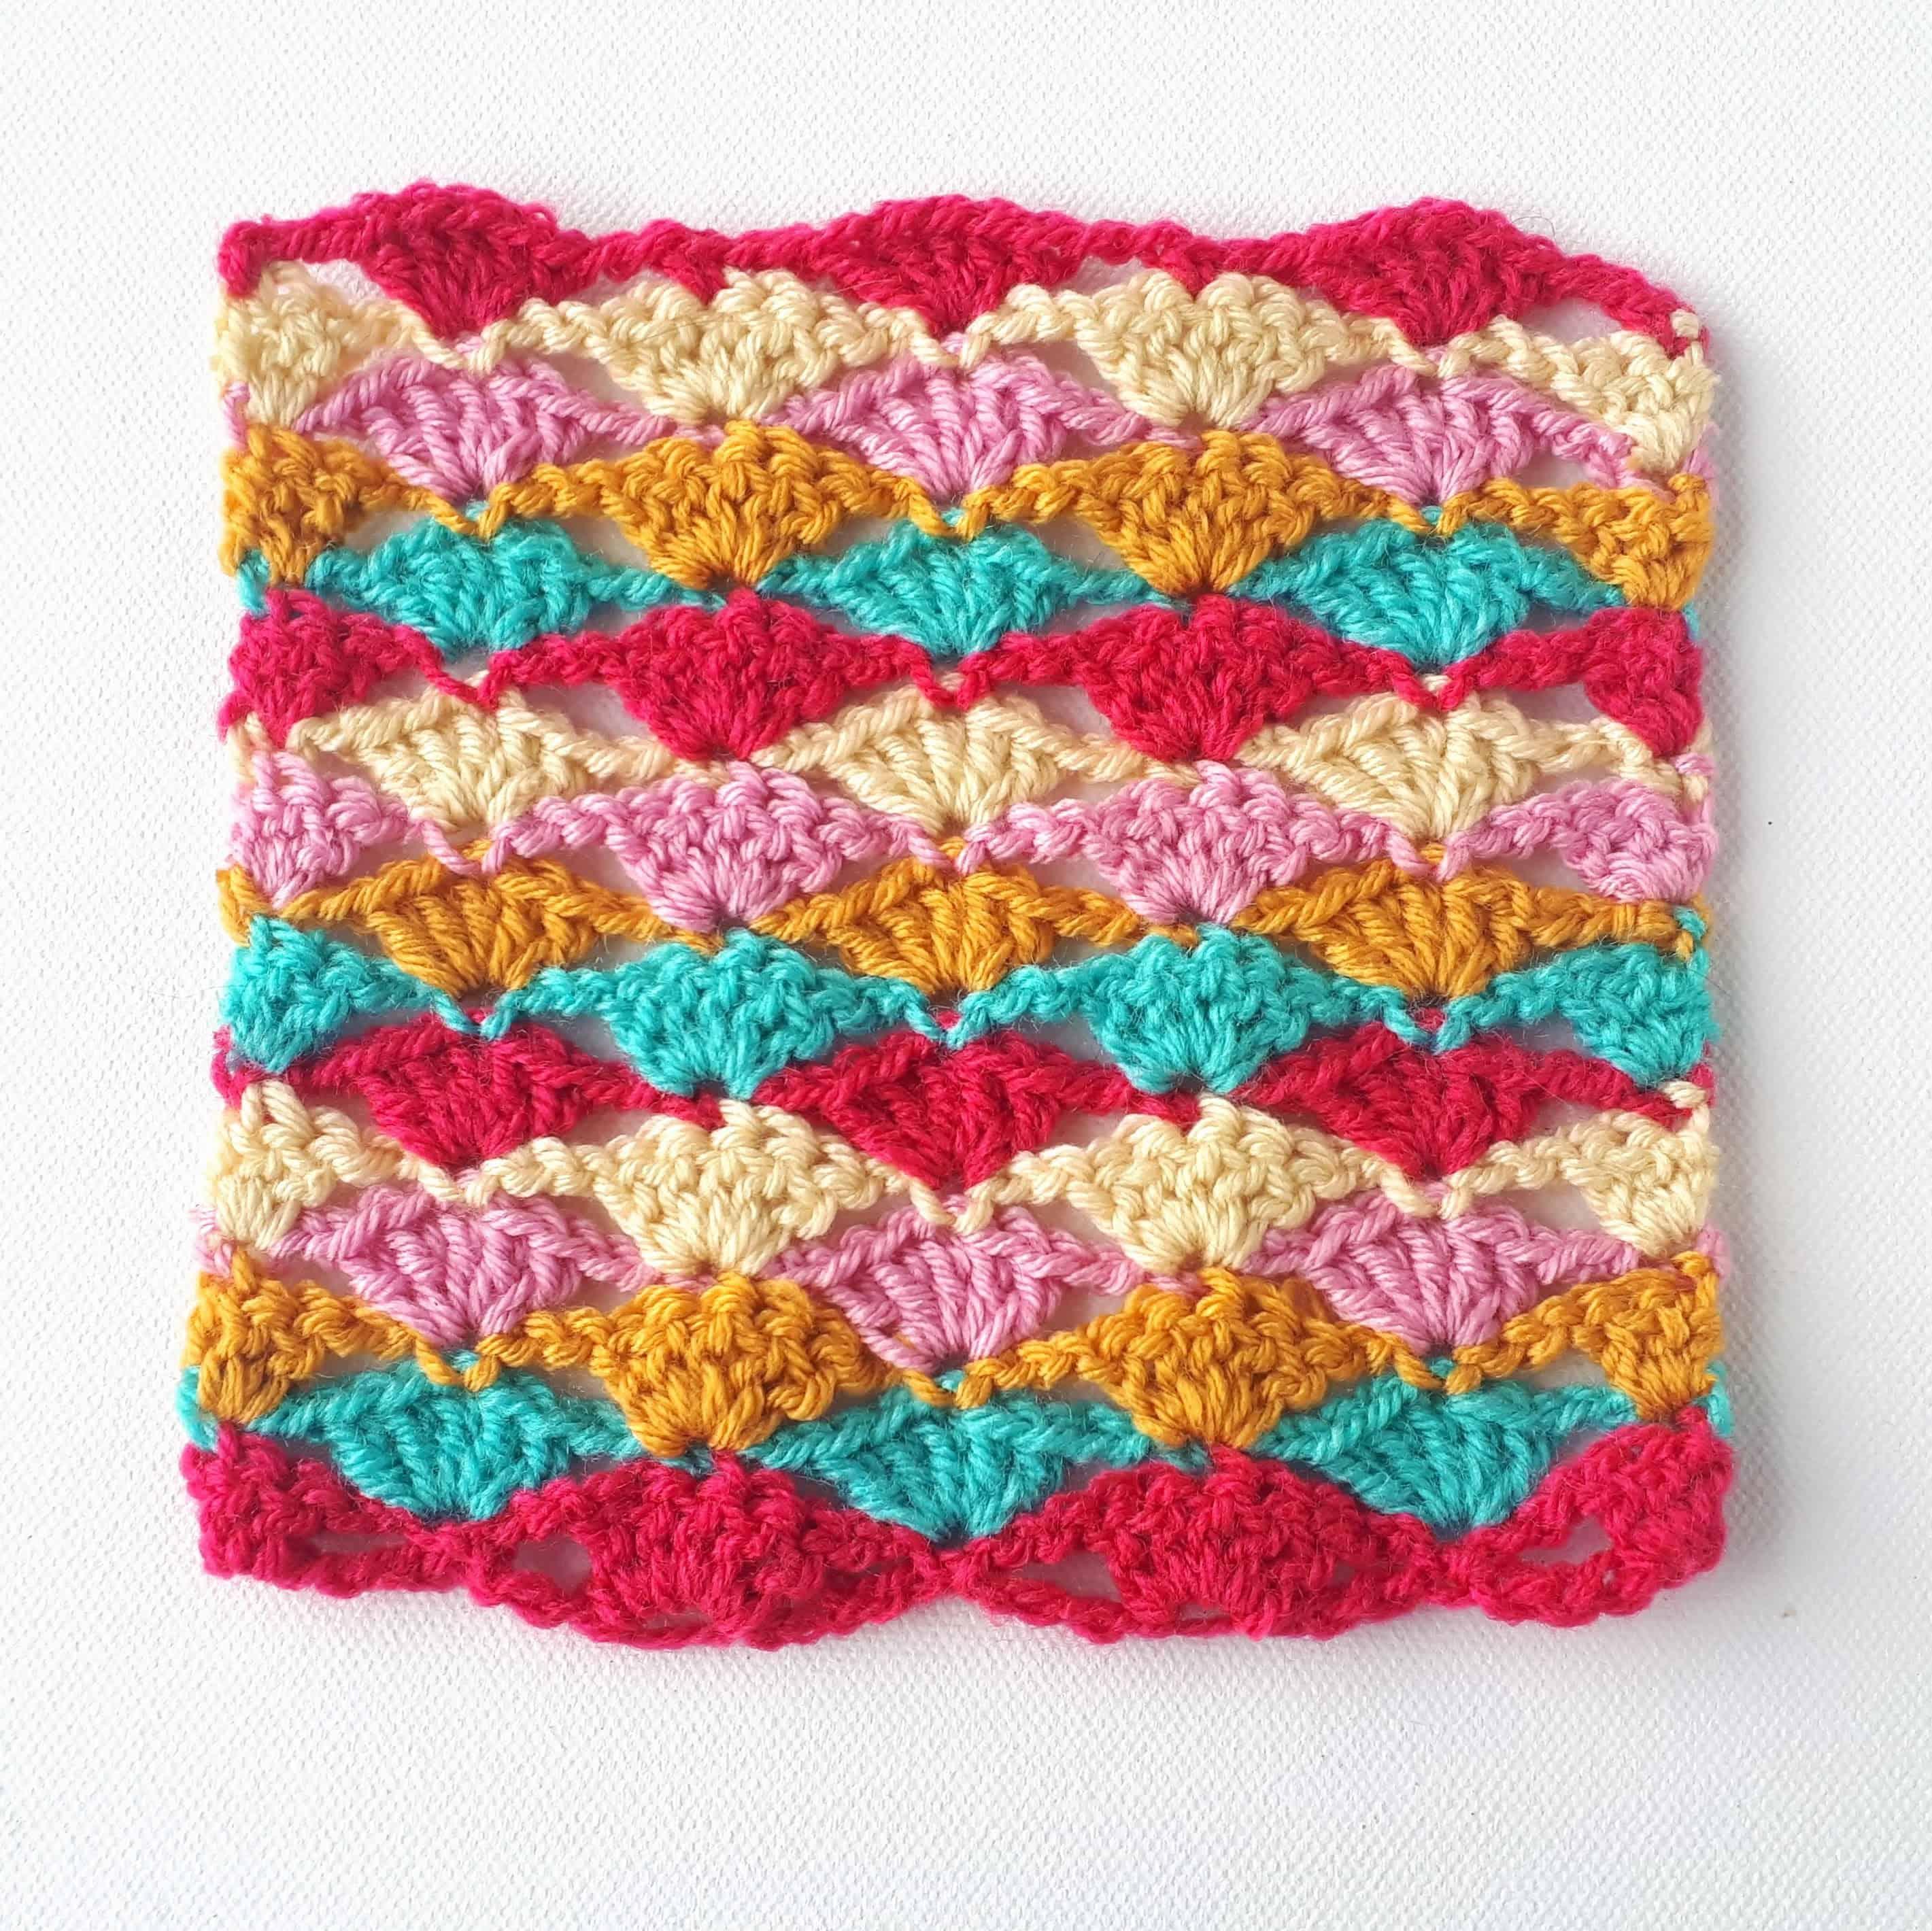 crochet stitch shell fan tutorial